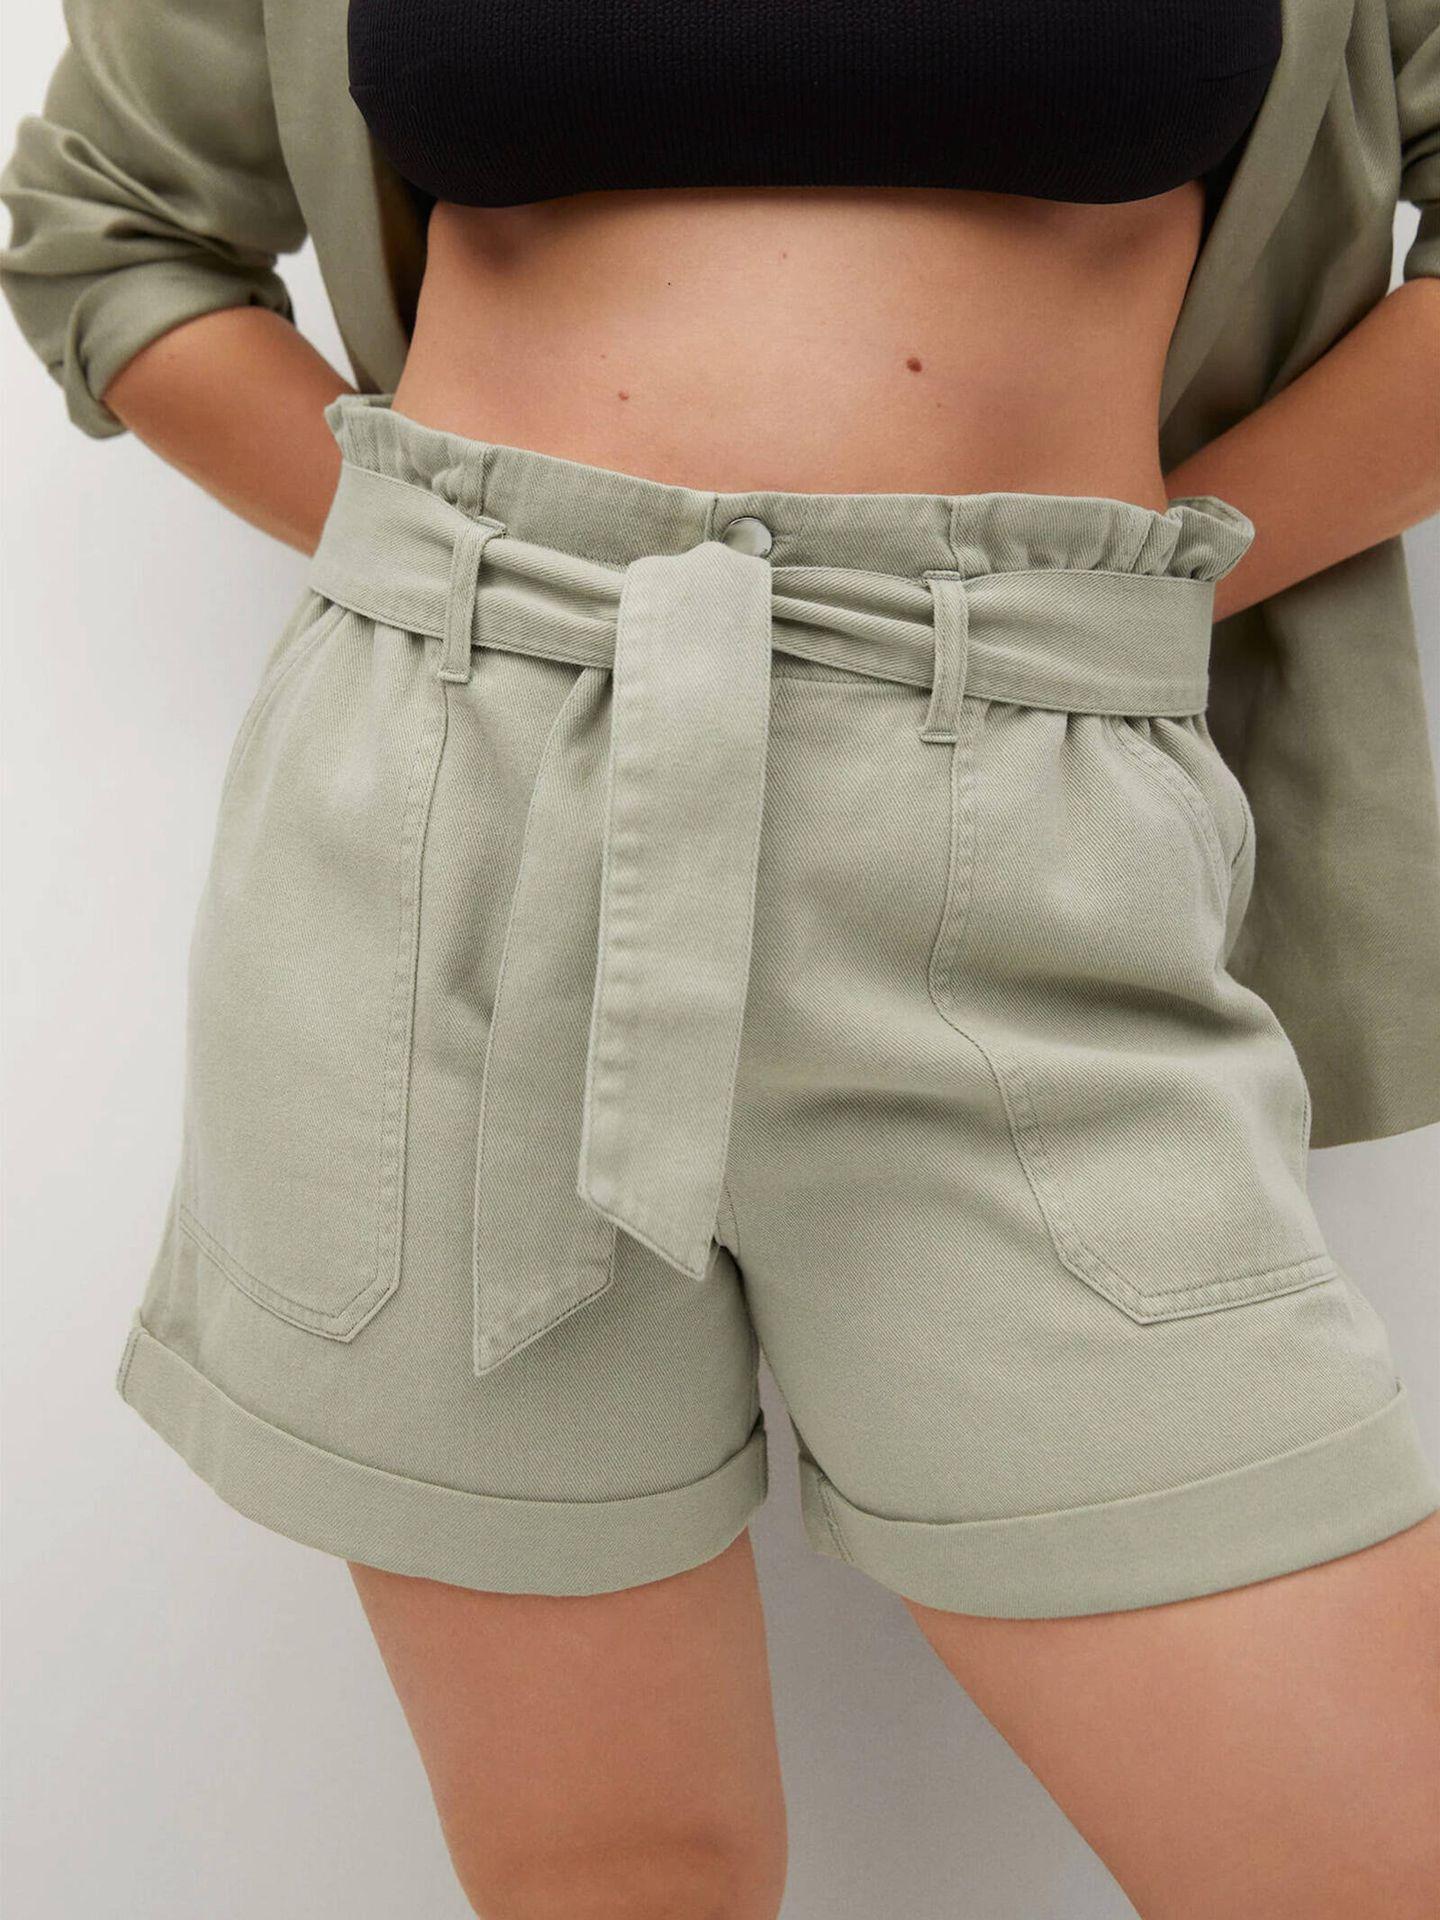 Pantalón corto con cinturón de Violeta by Mango. (Cortesía)